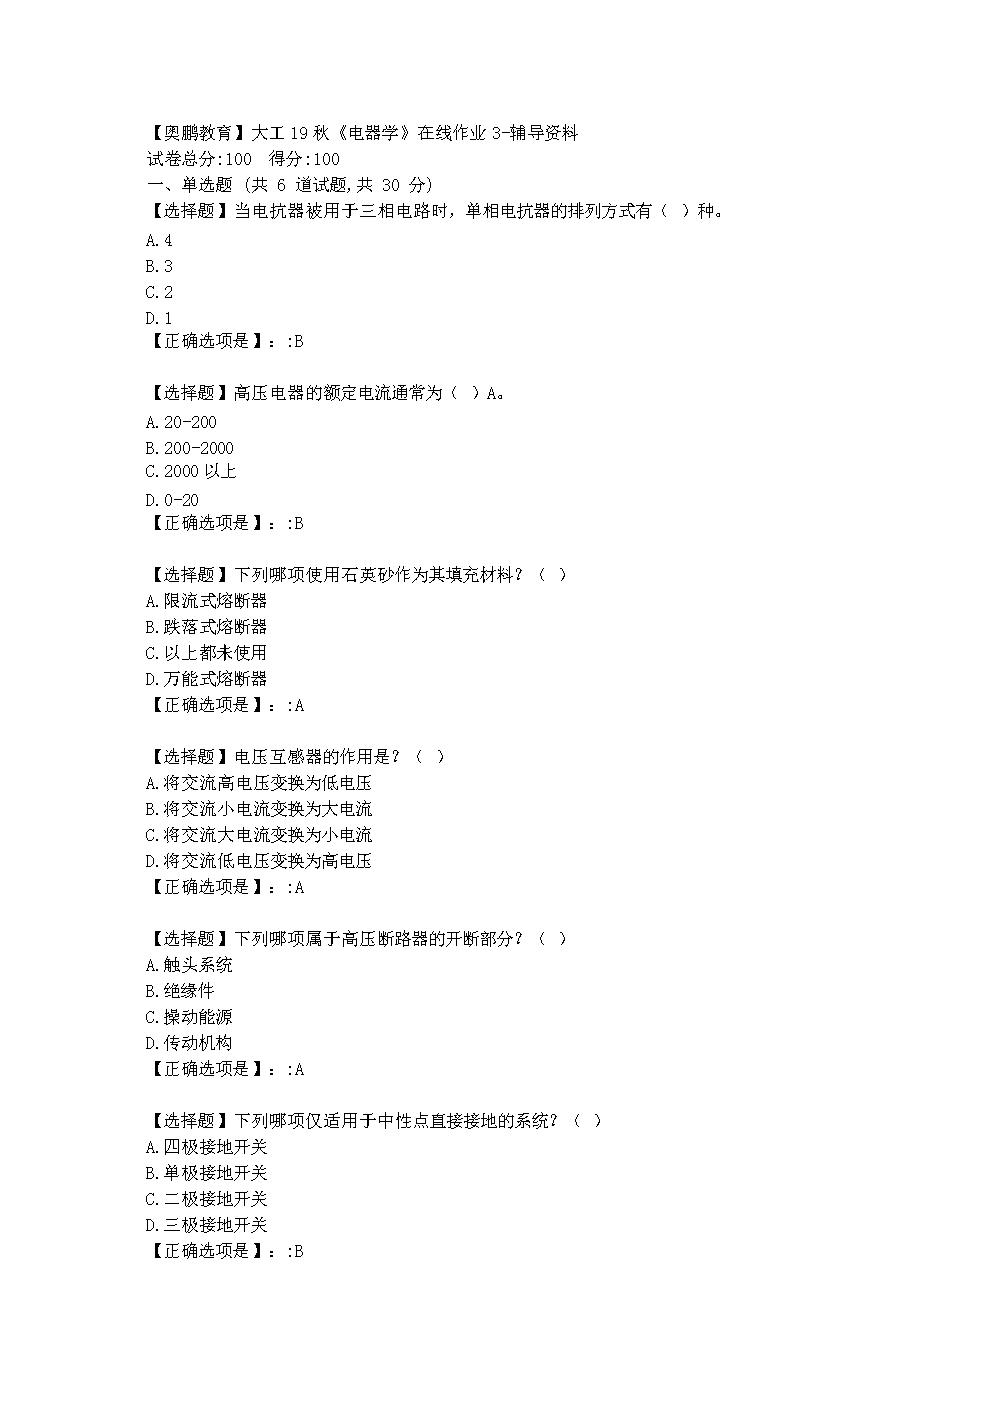 大连理工大学19秋《电器学》在线作业3学习资料.doc